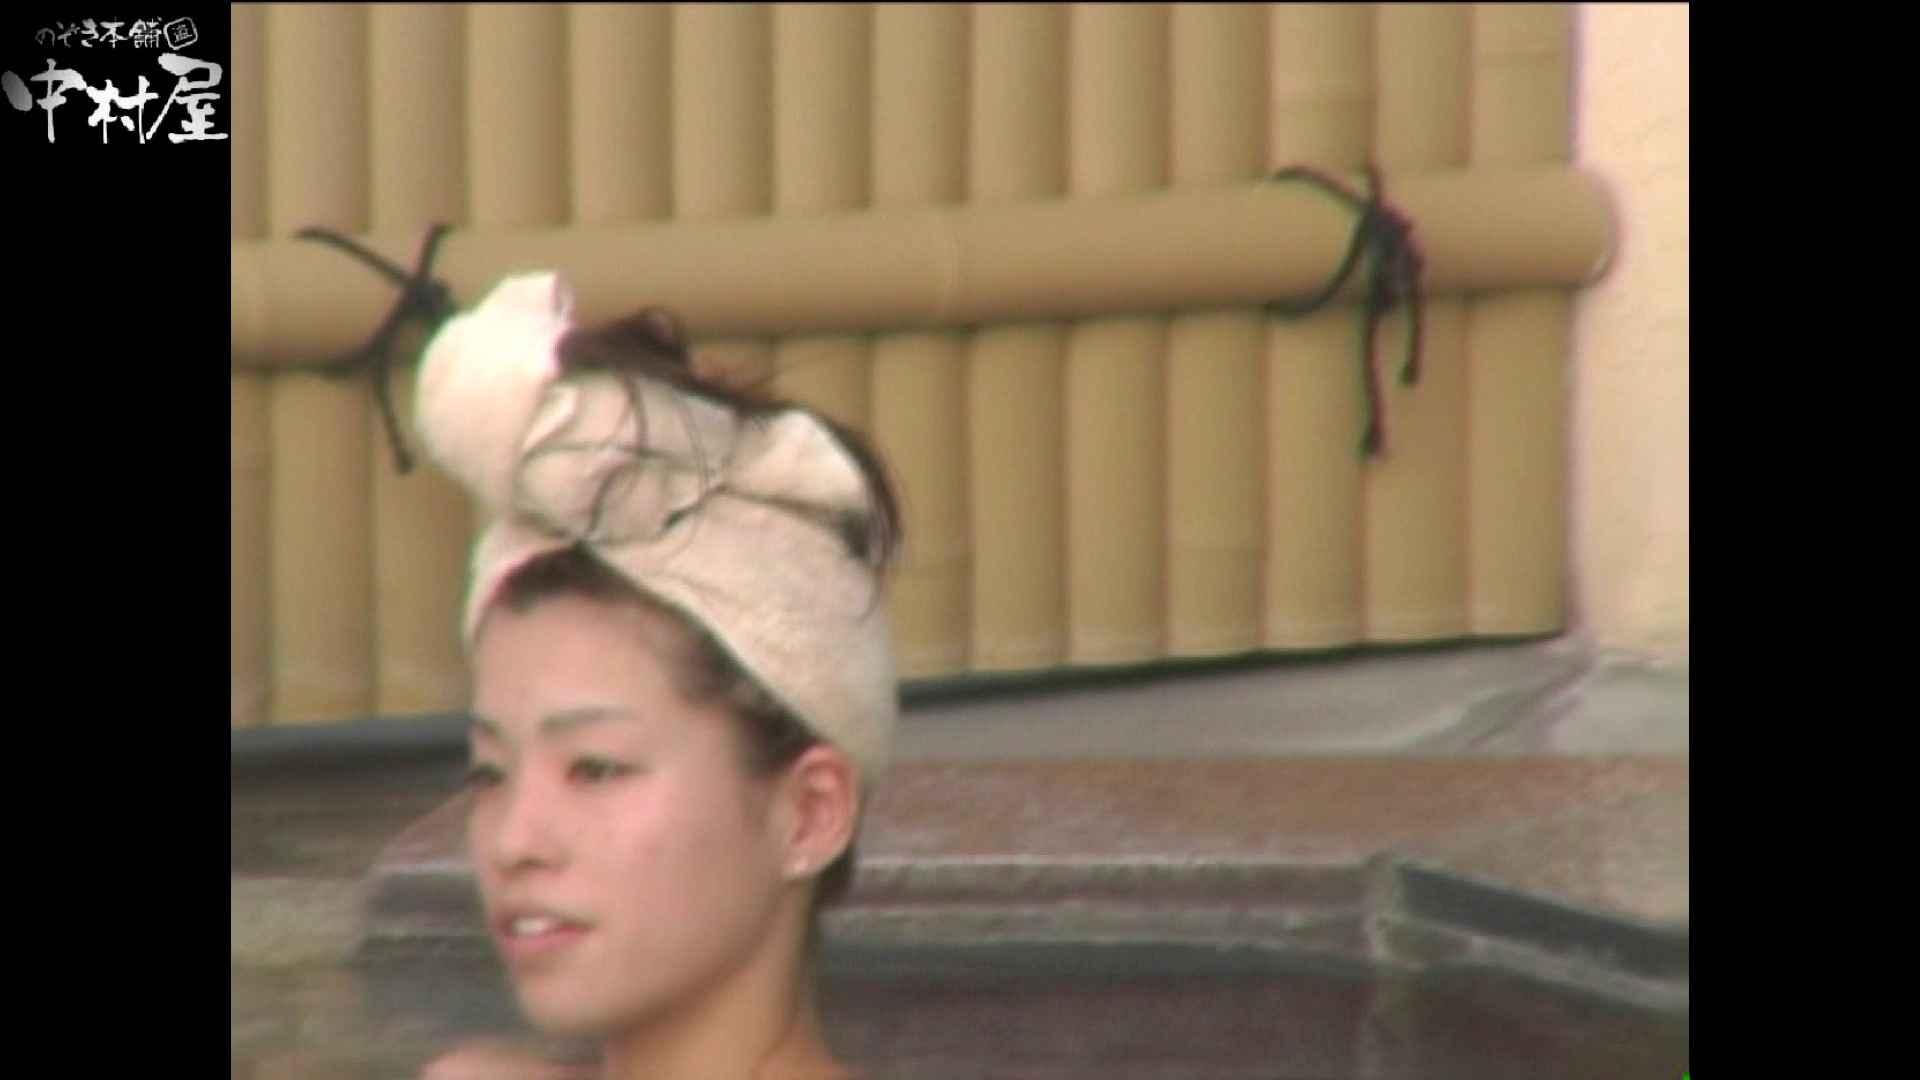 Aquaな露天風呂Vol.979 美しいOLの裸体  71pic 36